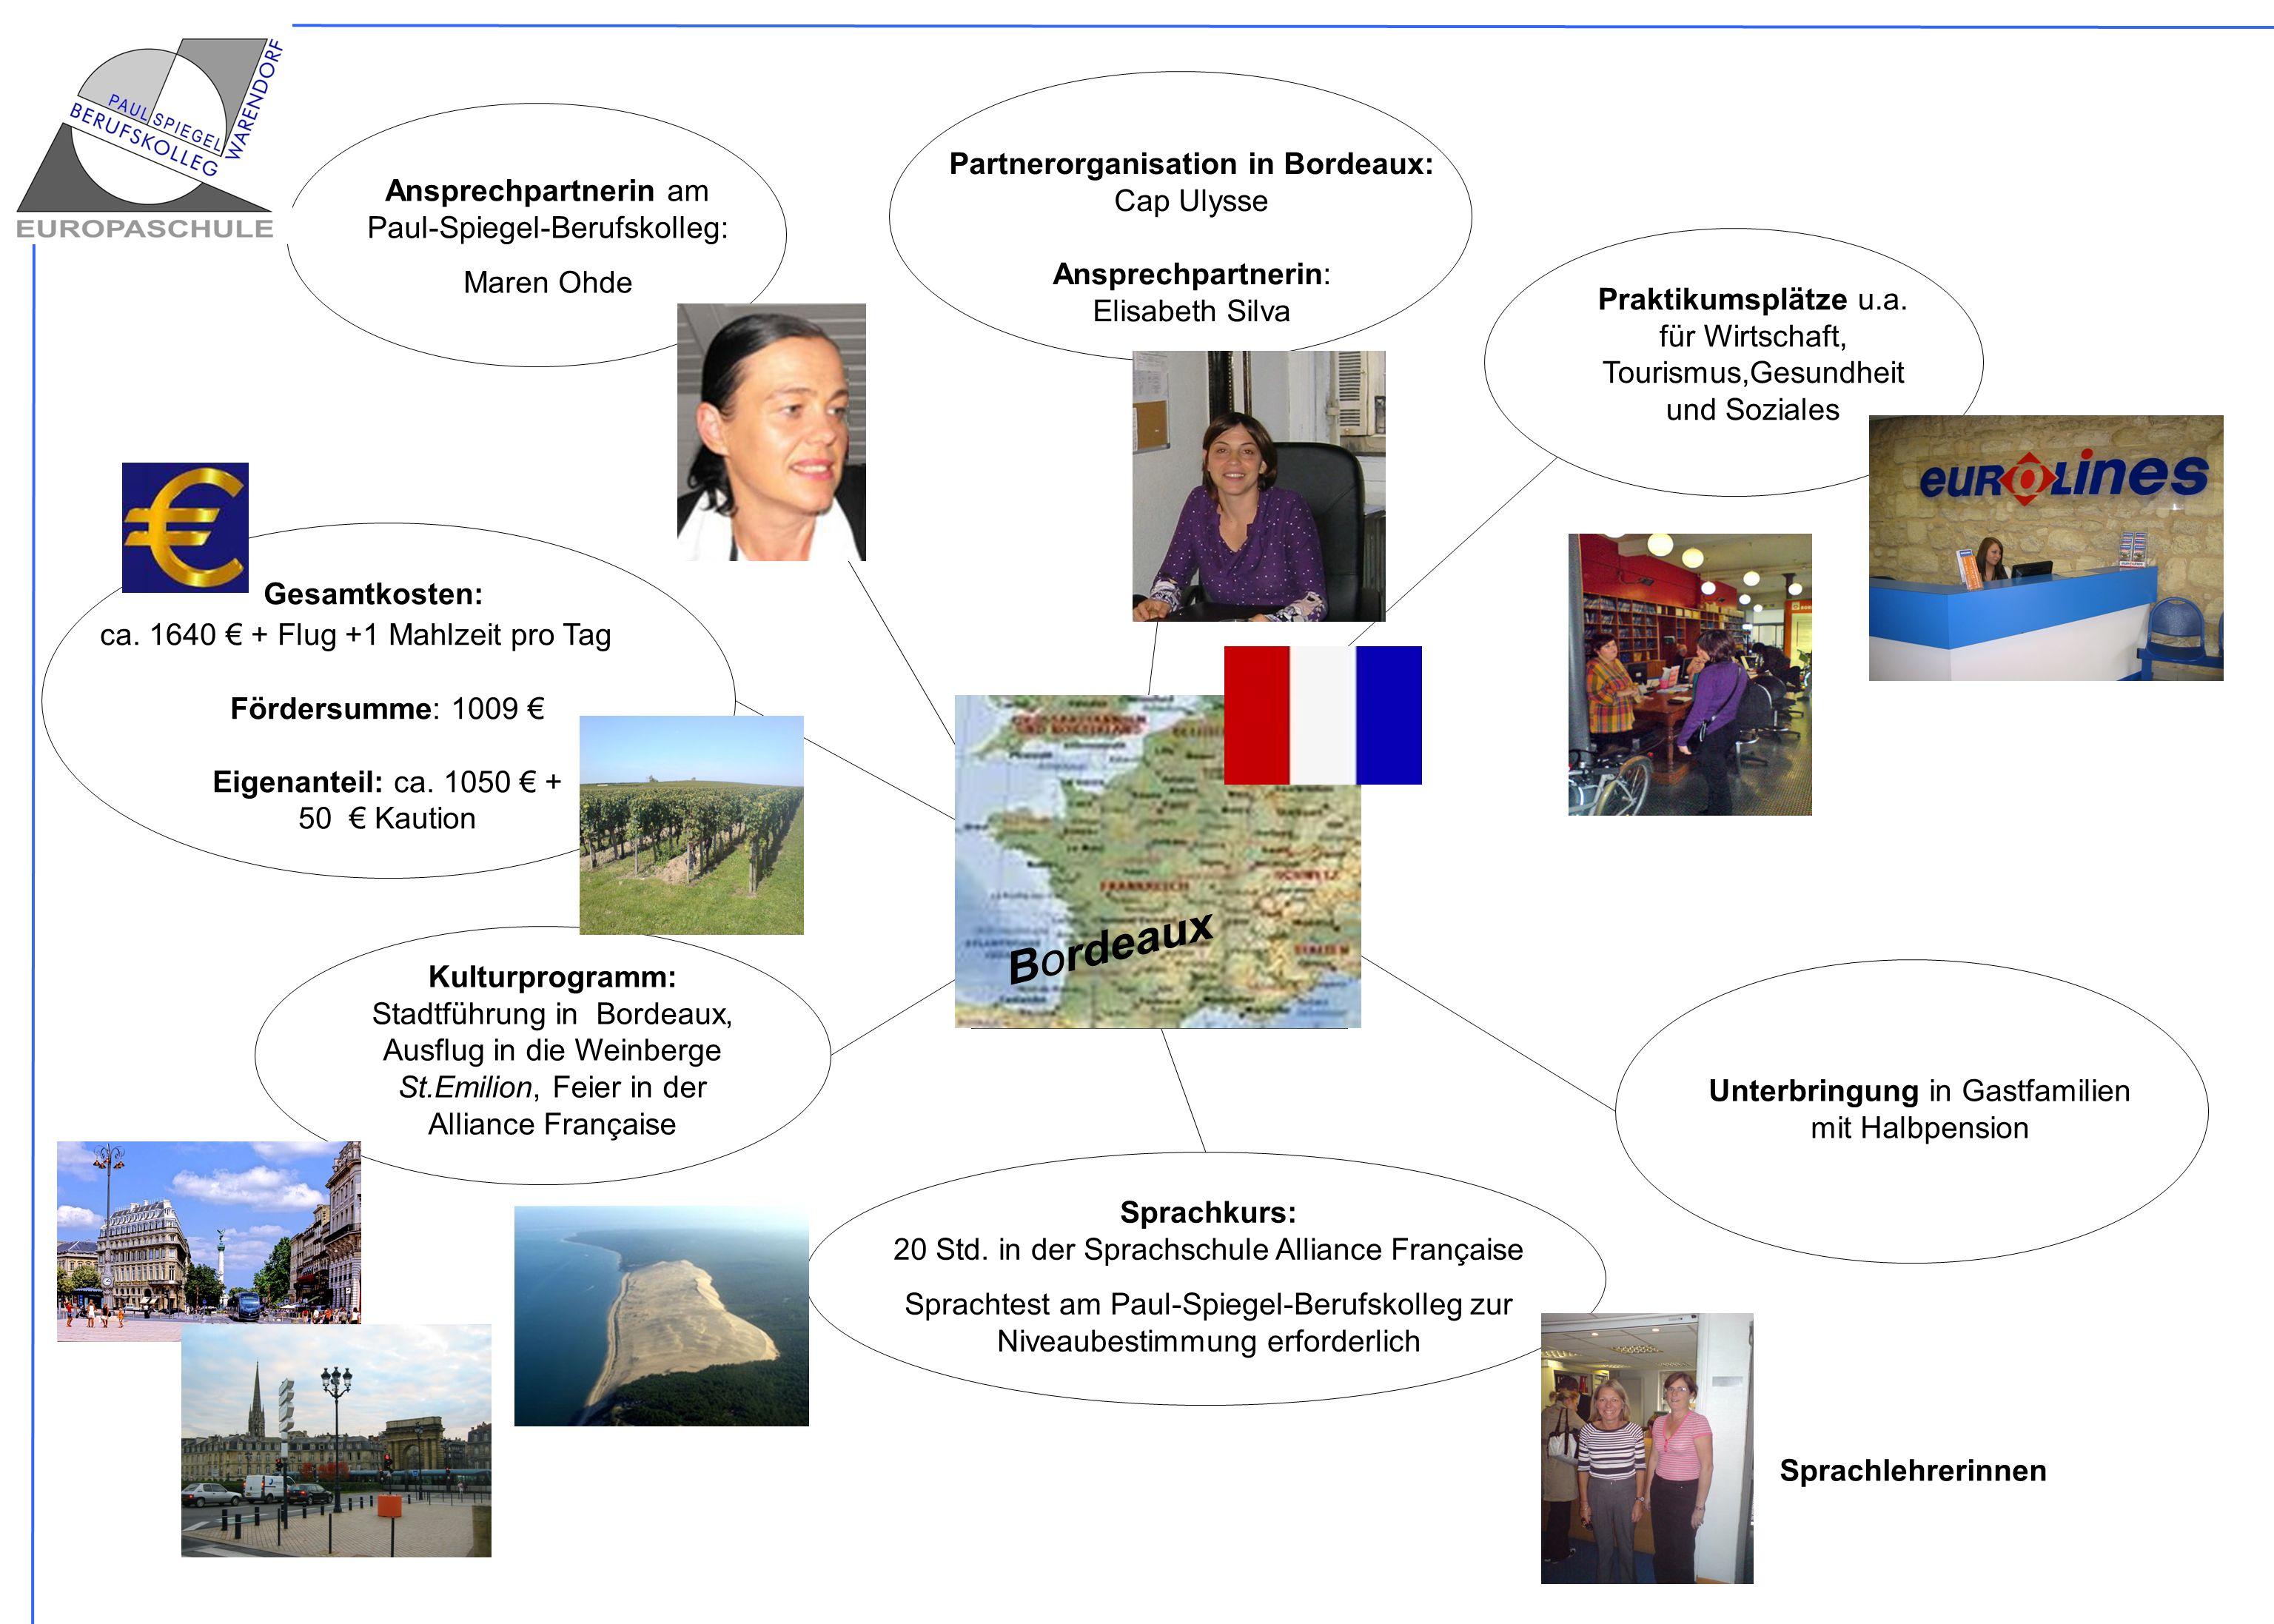 Partnerorganisation in Bordeaux: Cap Ulysse Ansprechpartnerin: Elisabeth Silva Praktikumsplätze u.a. für Wirtschaft, Tourismus,Gesundheit und Soziales